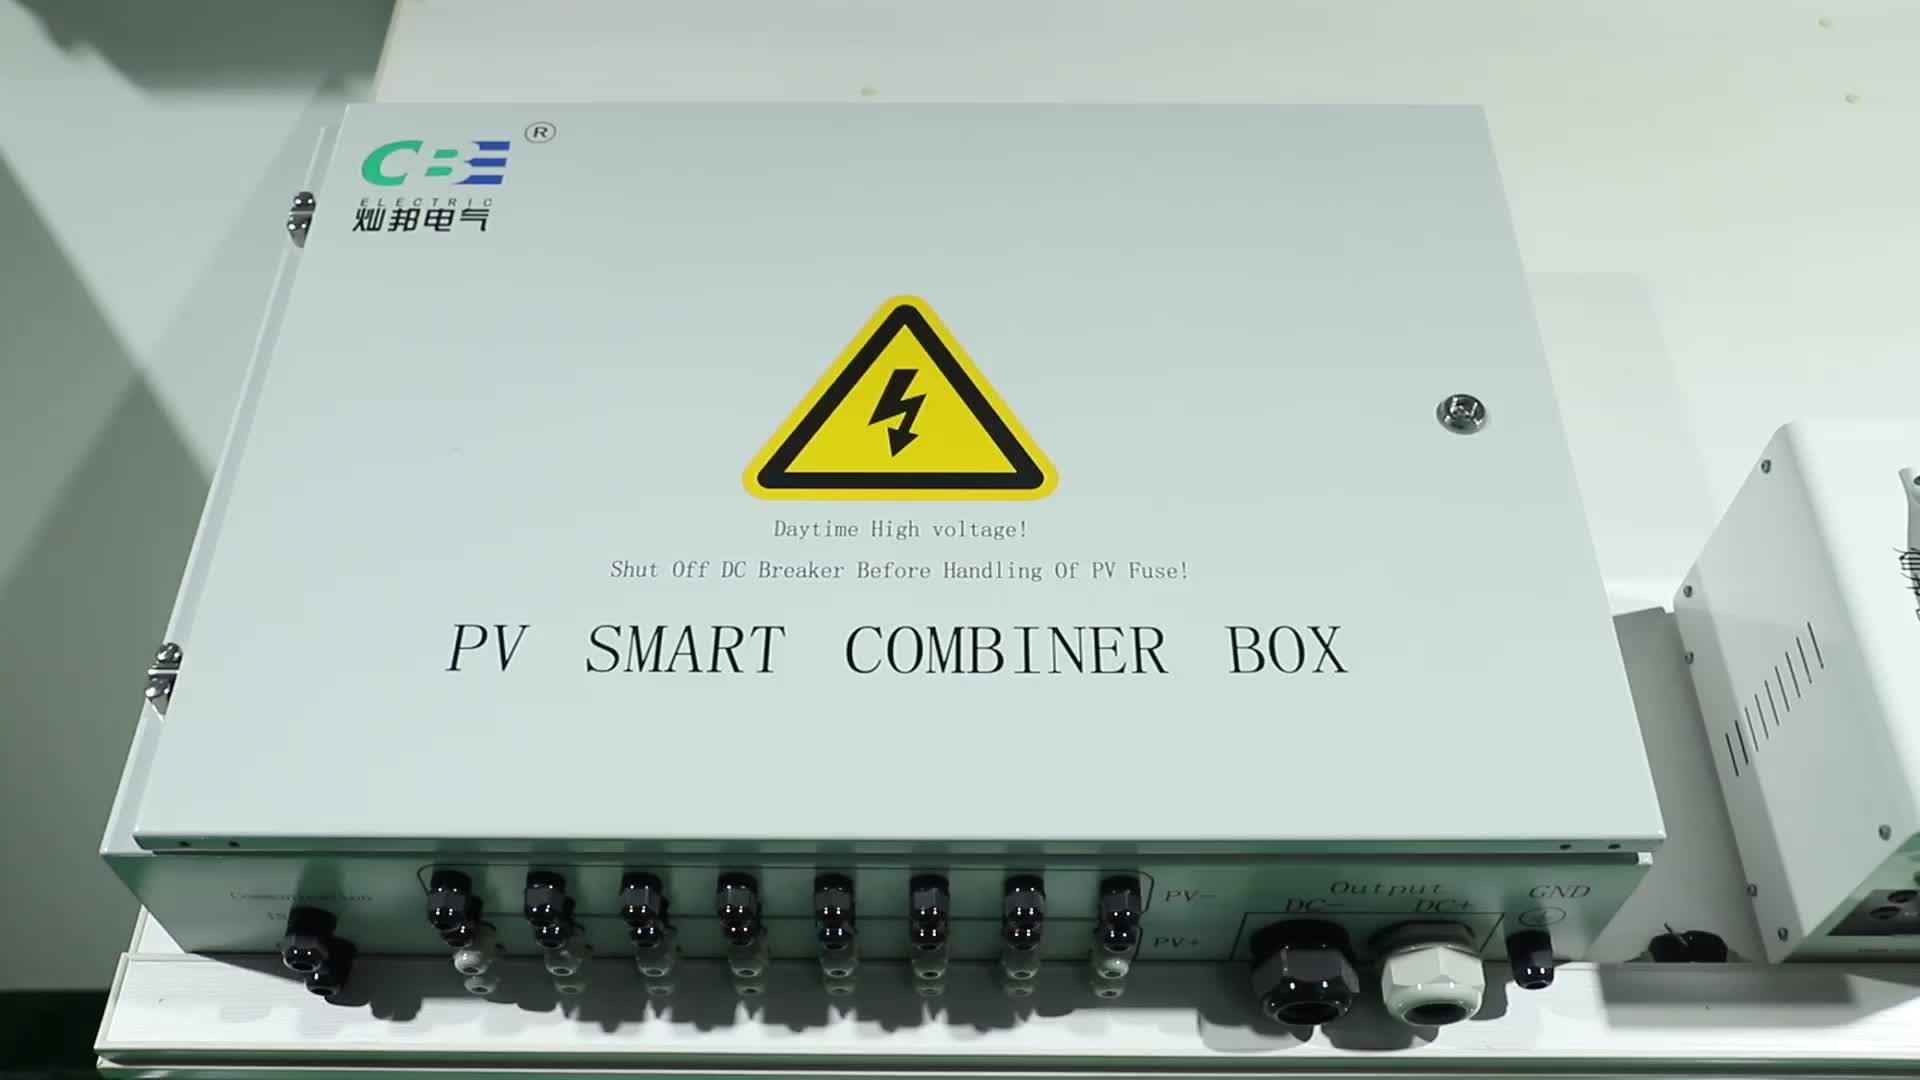 China profissional de fabricação de caixa combinador solar pv para sistema solar DC com microinverter